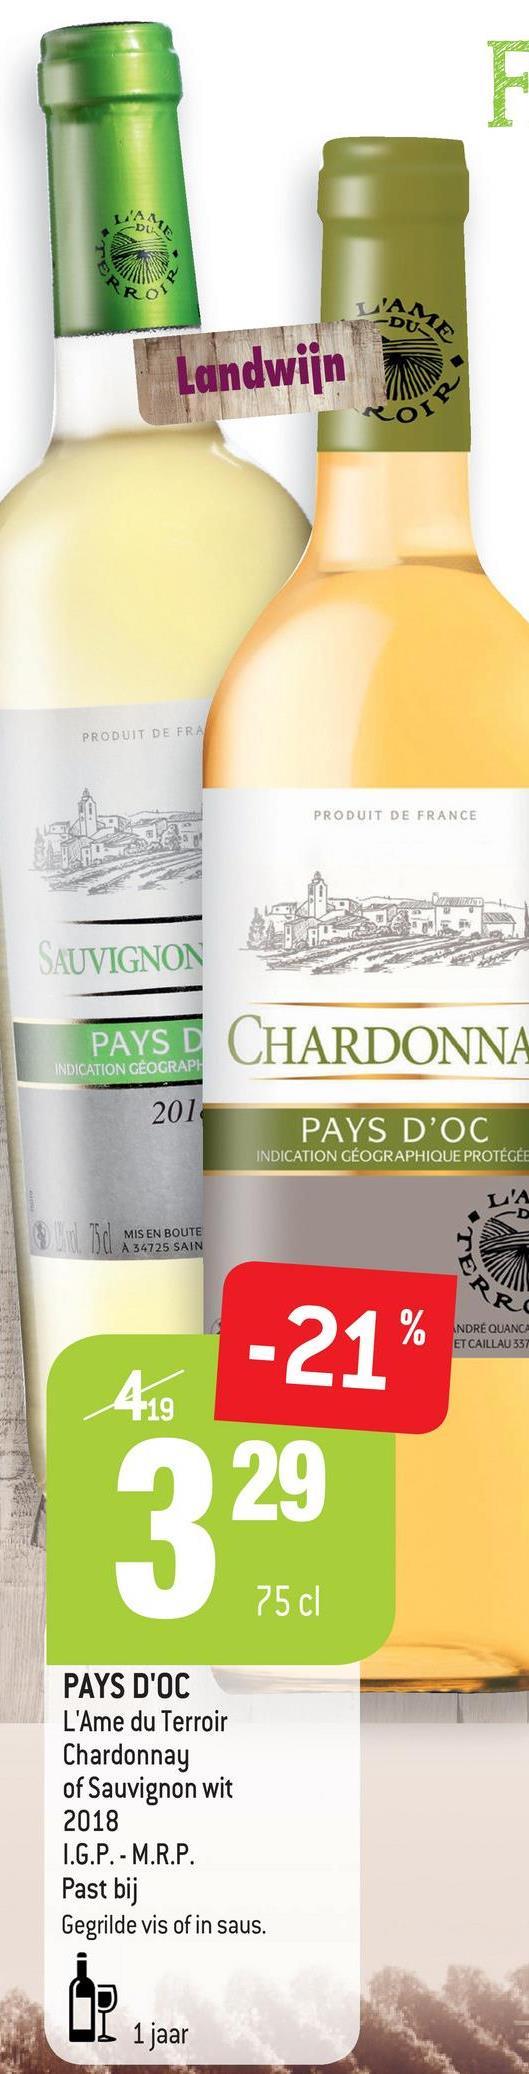 URS DUR Landwijn PRODUIT DE FRA PRODUIT DE FRANCE SAUVIGNON PAYS D CHARDONNA INDICATION GÉOGRAPH 201 PAYS D'OC INDICATION GÉOGRAPHIQUE PROTÉGÉE MIS EN BOUTE A 34725 SAIN R -21% ANDRẺ QUANG ET CAILLAU 537 75 cl PAYS D'OC L'Ame du Terroir Chardonnay of Sauvignon wit 2018 I.G.P. - M.R.P. Past bij Gegrilde vis of in saus. UI 1 jaar